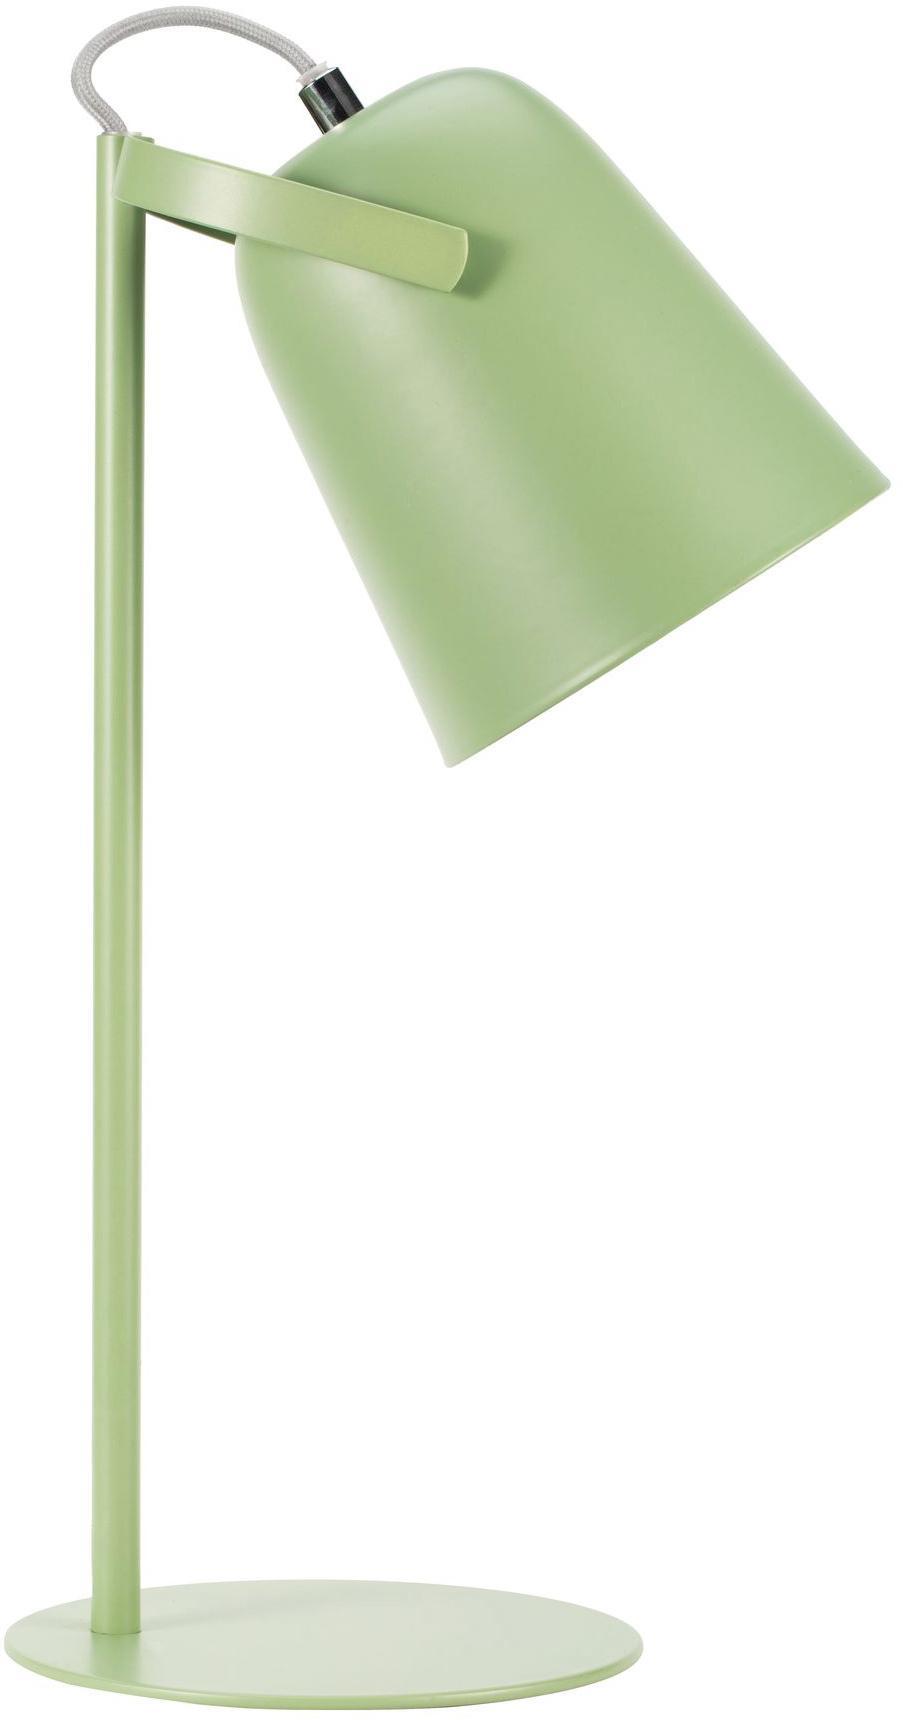 Retro-Schreibtischlampe Bari, Lampenschirm: Metall, beschichtet, Lampenfuß: Metall, beschichtet, Grün, Ø 15 x H 40 cm